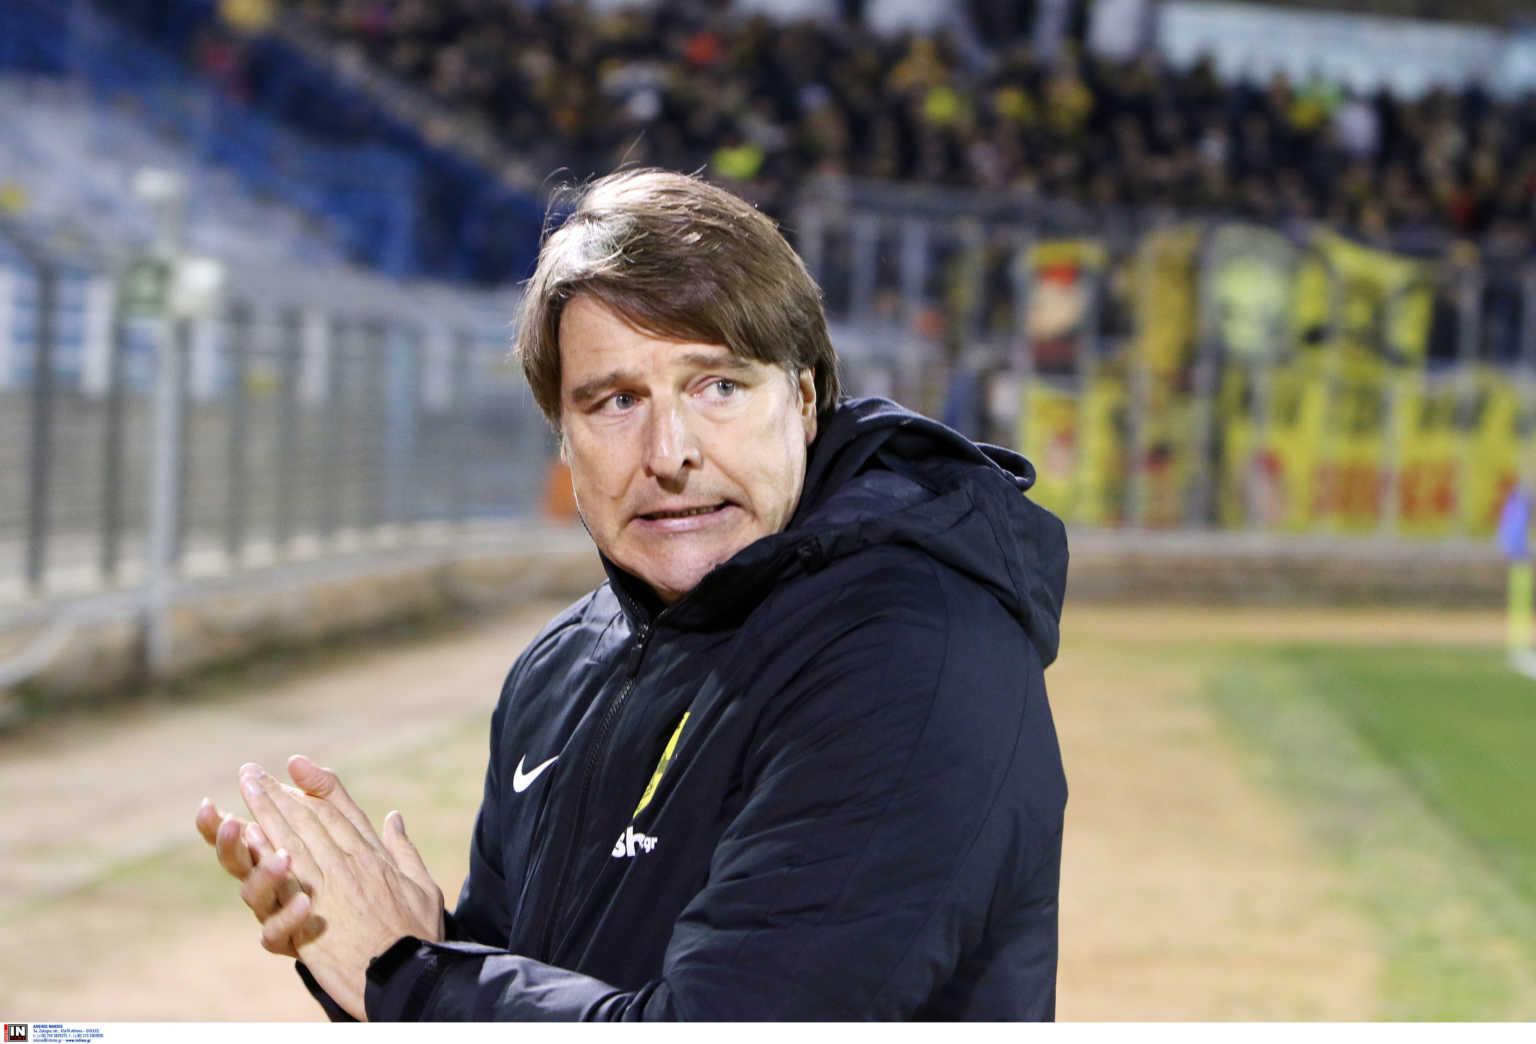 Ένινγκ στην Bild: «Η Ελλάδα έχει πάθος για το ποδόσφαιρο, ελπίζω να πάρουμε το Κύπελλο»